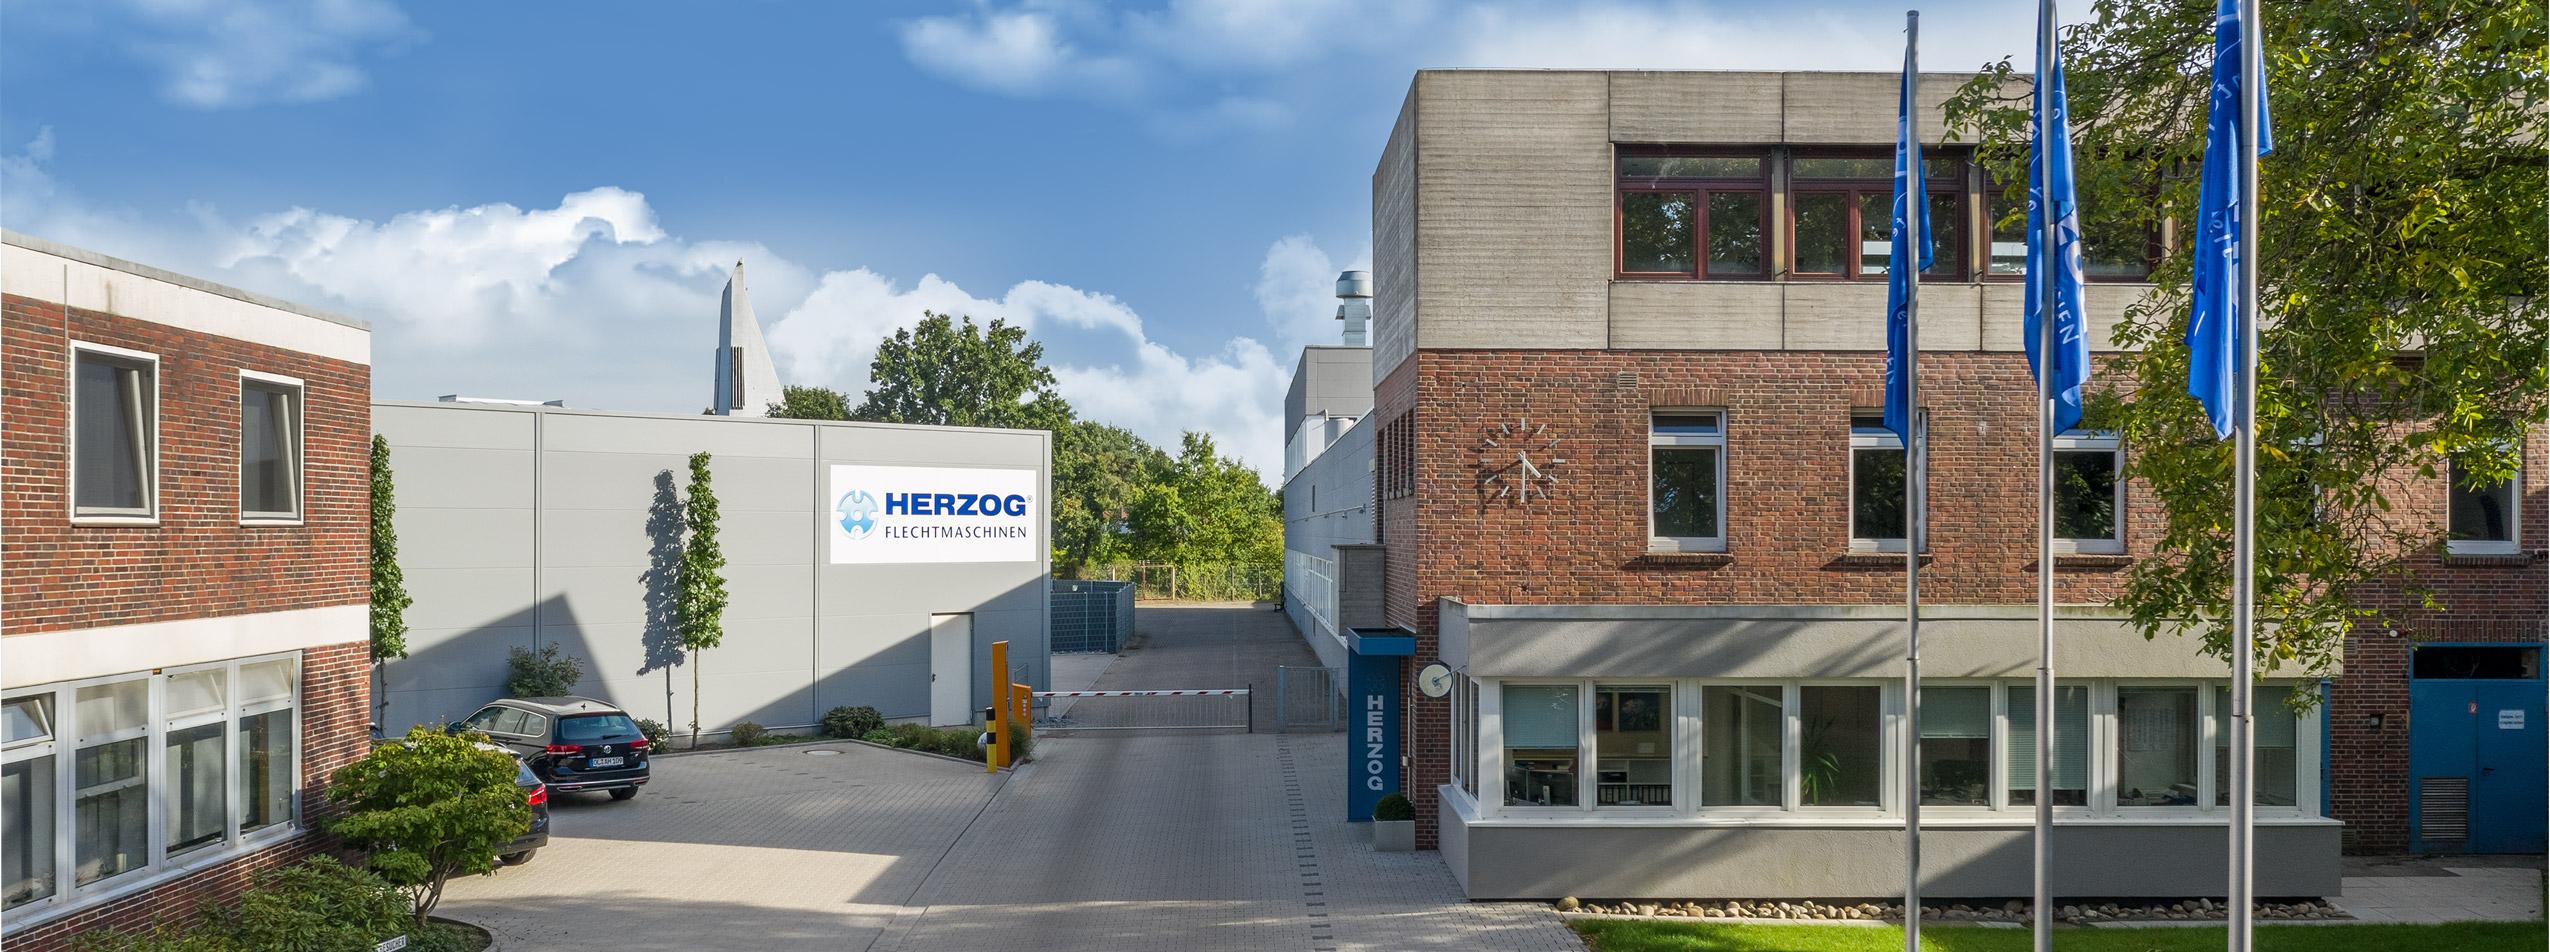 Herzog-Unternehmen-Headerslider-01-Außenaufnahme-Frontansicht